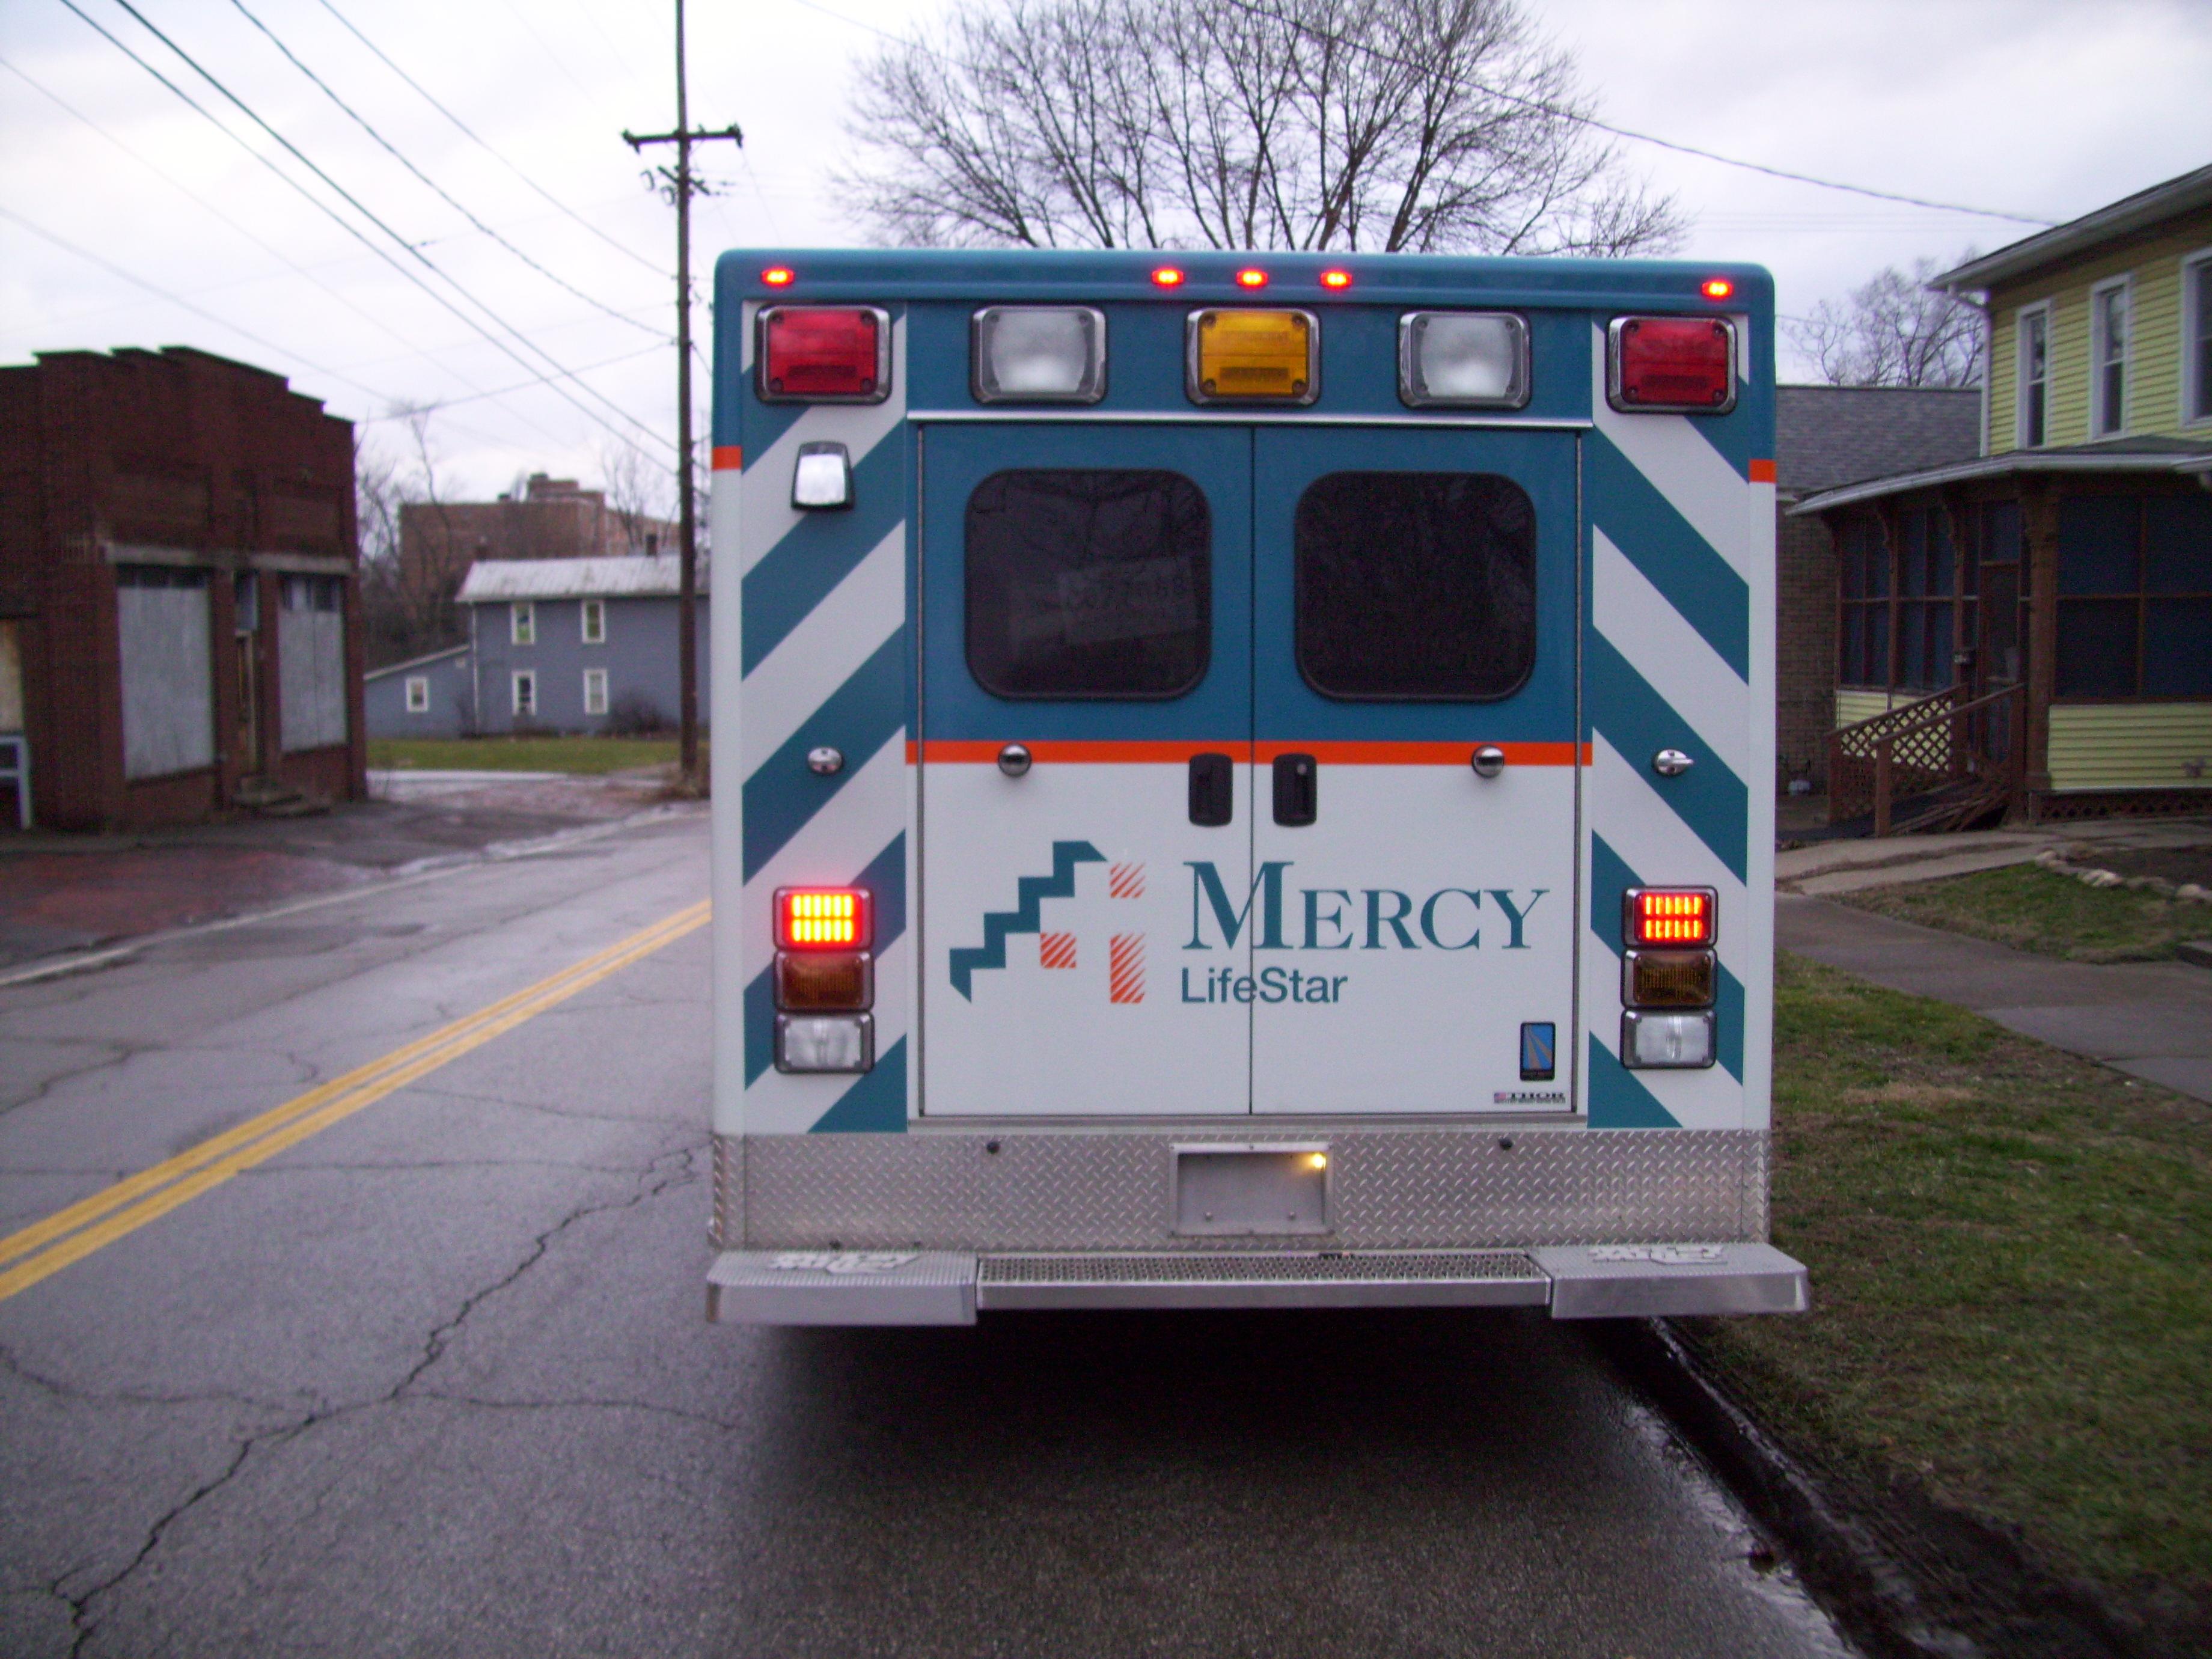 Mercy Lifestar-2